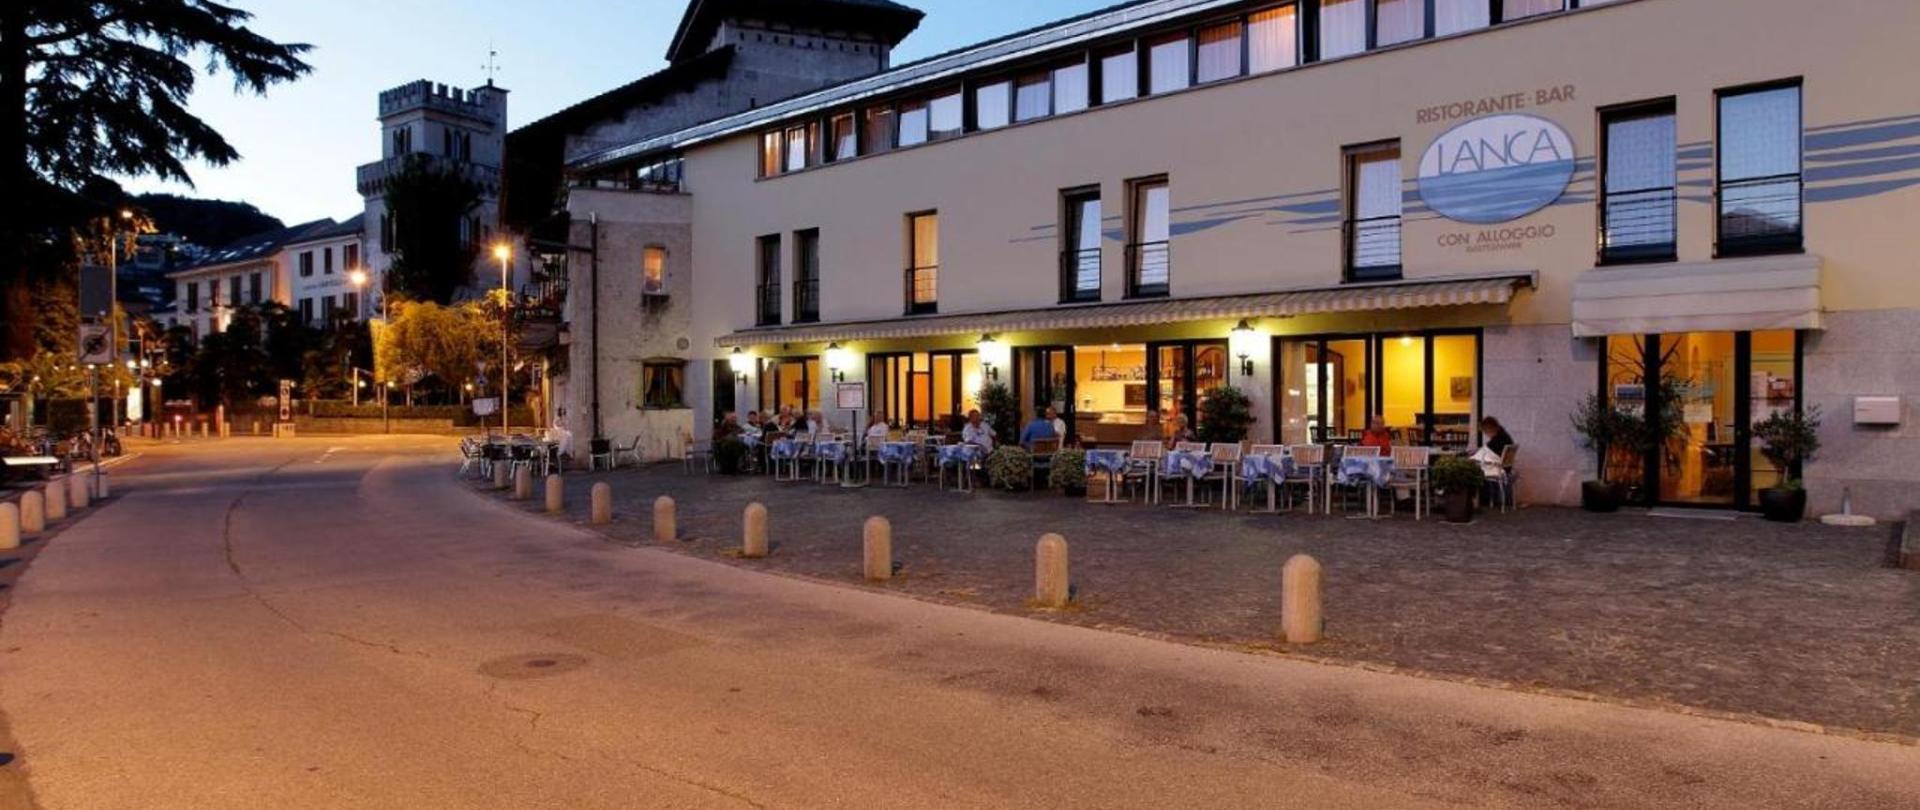 Hotel Ristorante Lanca